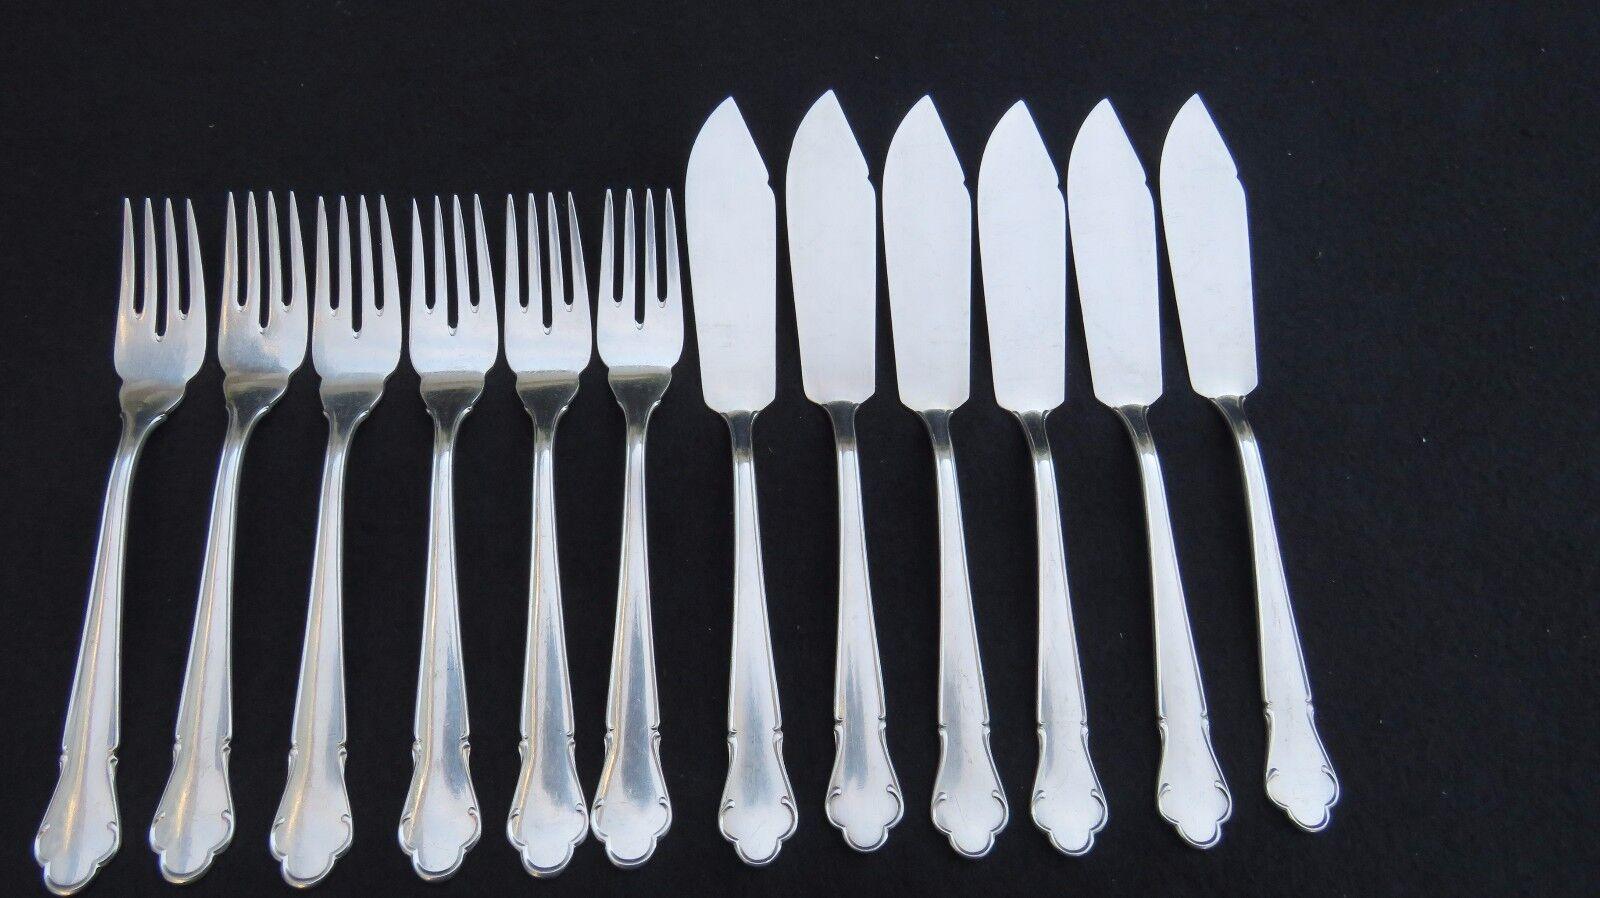 6 fourchettes et 6 couteaux à poisson en métal argenté modèle filet